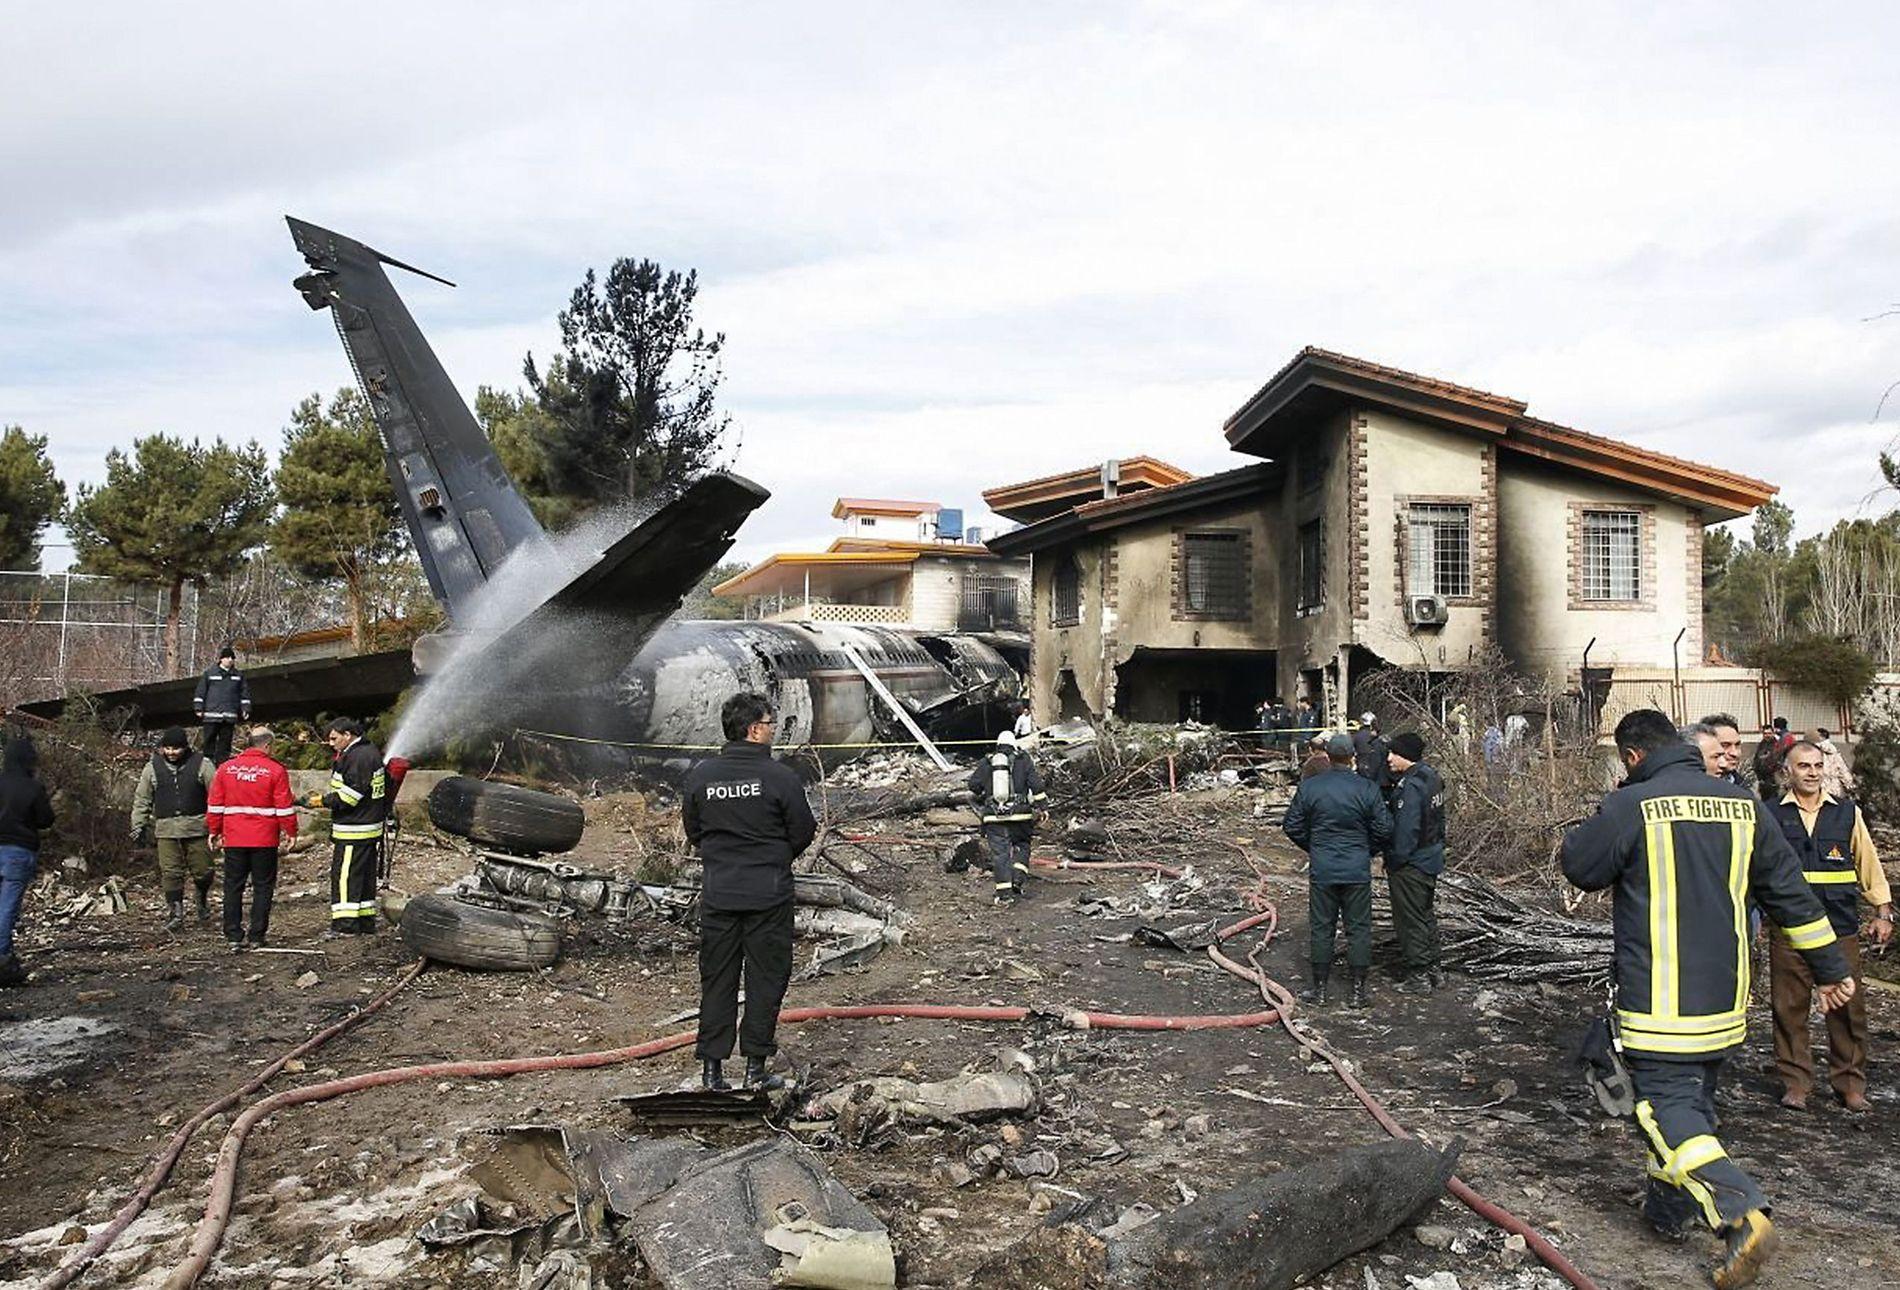 TRAFF HUS:  Flyet av typen Boeing 707 krasjet da det var på vei til å lande i nærheten av den iranske byen Karaj - vest for Teheran.